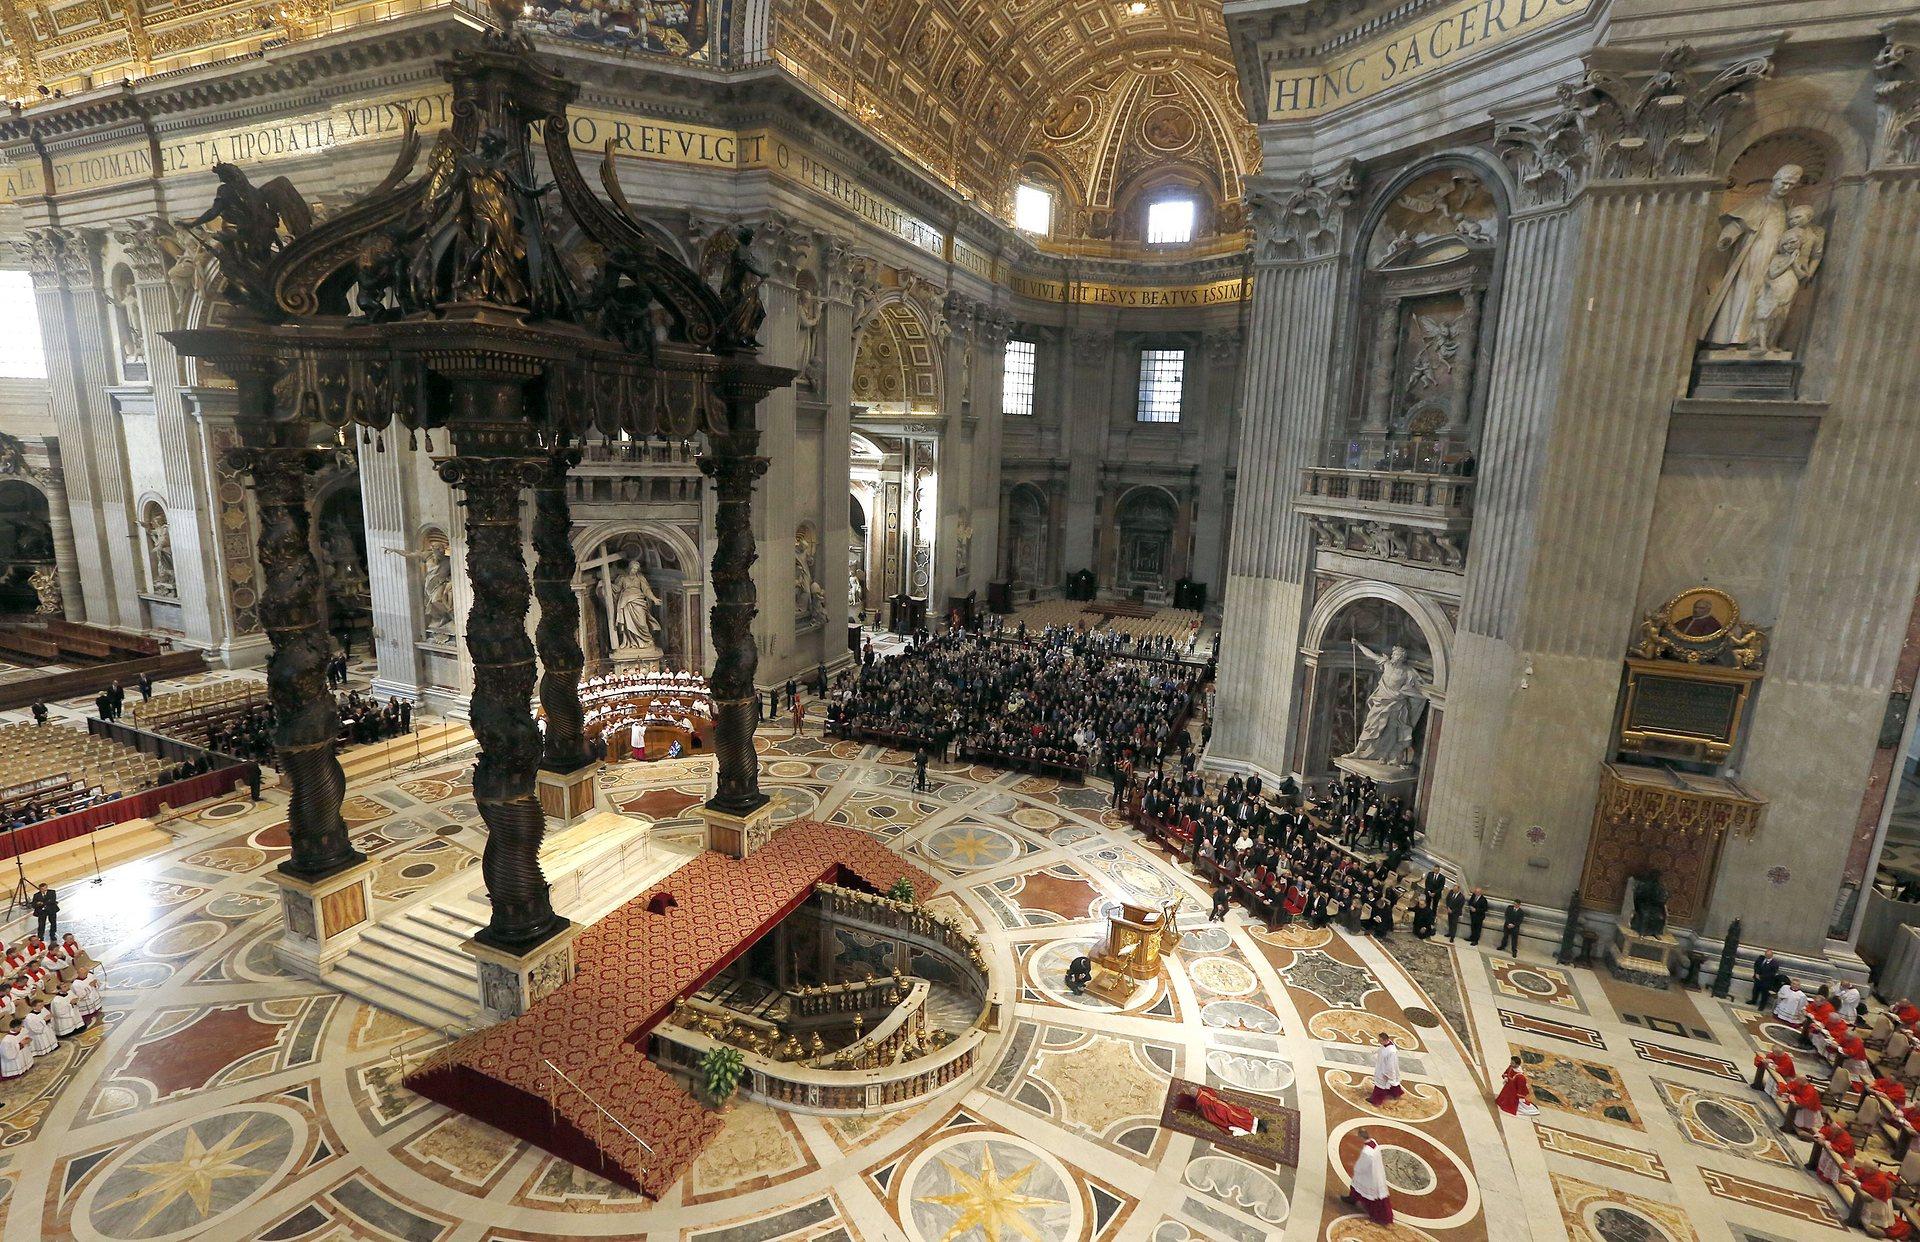 Ватикана, Италия Папа Франциск се моли легнал по време на Страстната седмица на Разпети петък в базиликата Свети Петър Снимка: Alessandro Bianchi / AFP / Getty Images